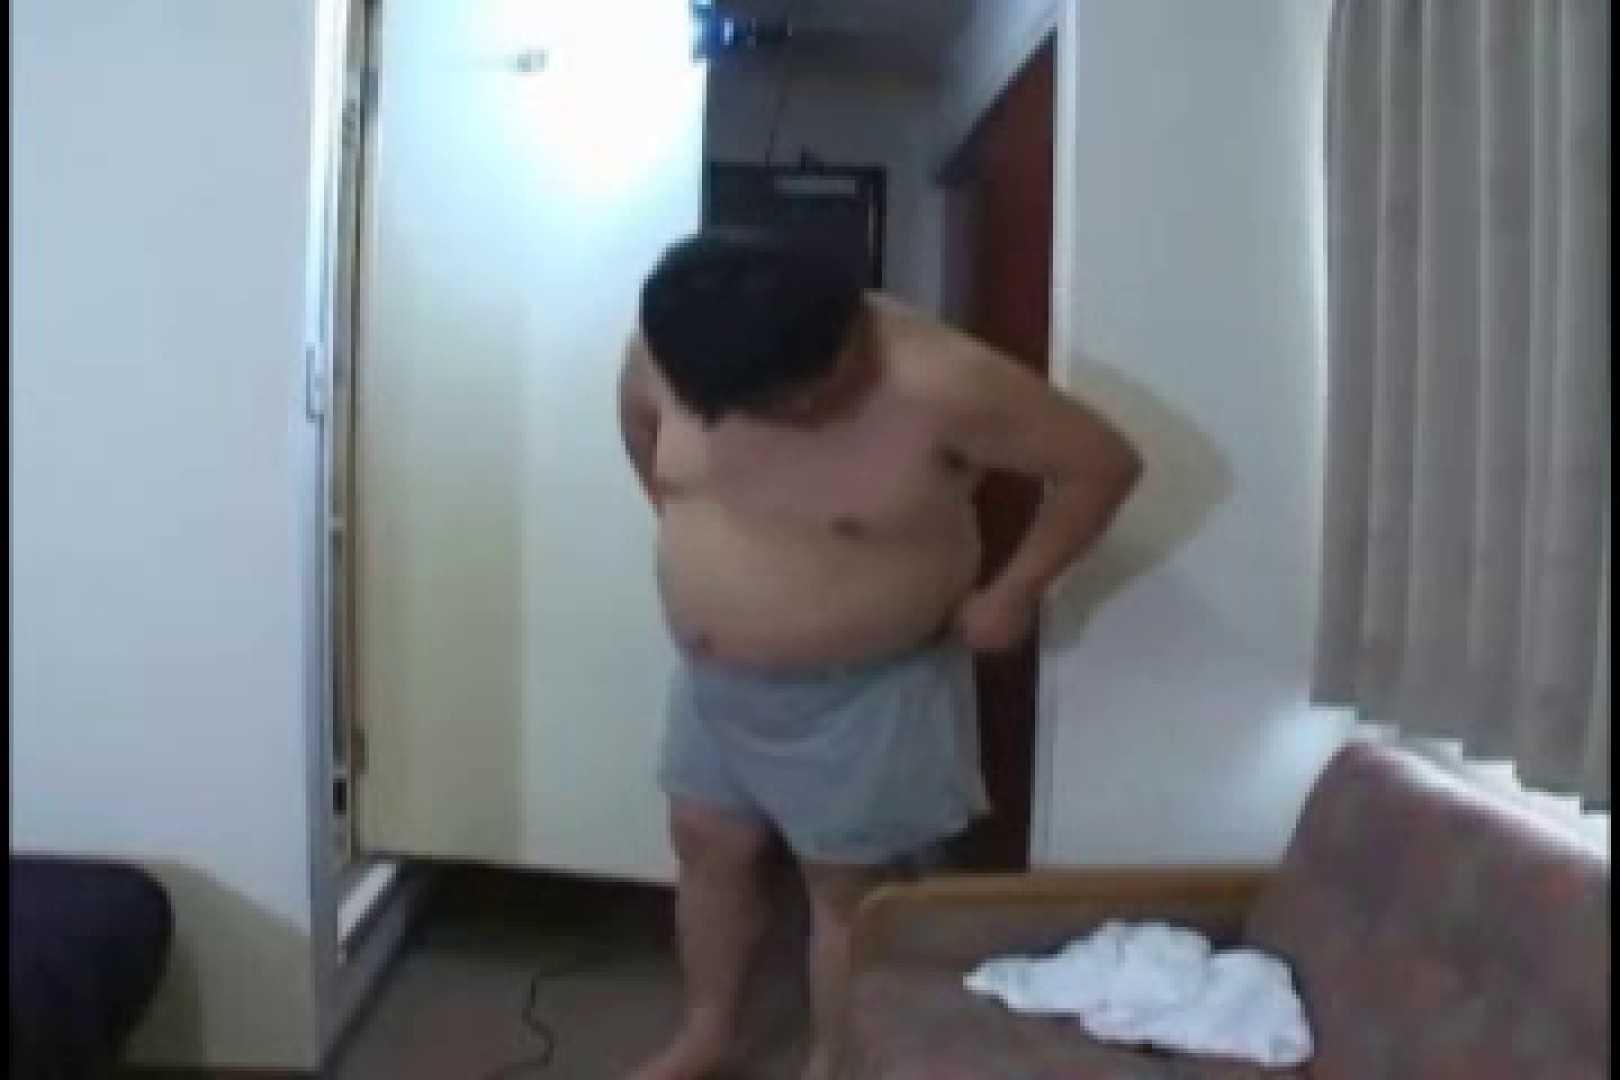 おちんちん|オデブなメガネ君のオナ&アナル攻め!|入浴・シャワー